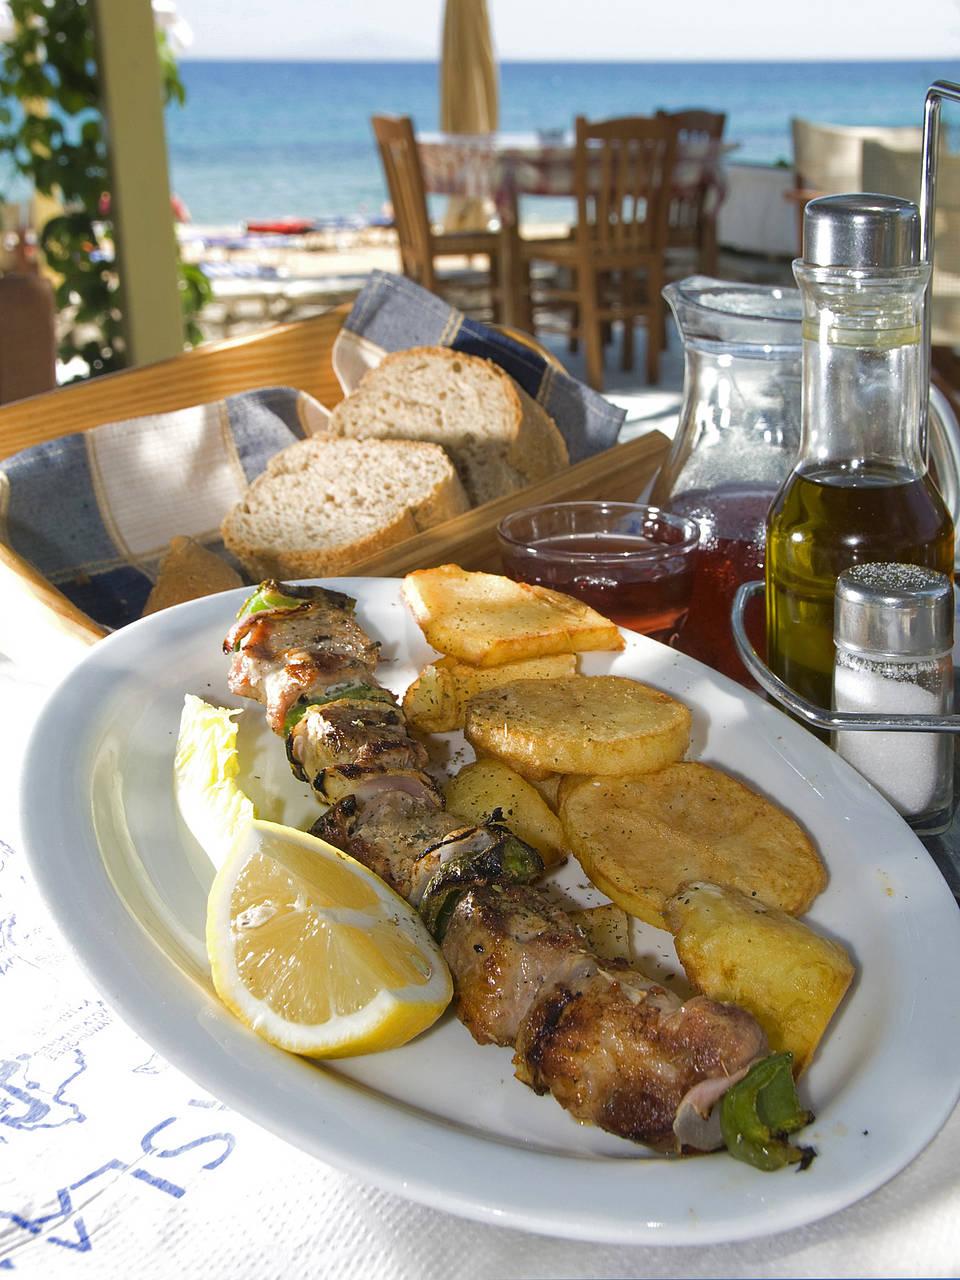 Griechische Küche Fotos - Übersicht der Griechenland Fotos